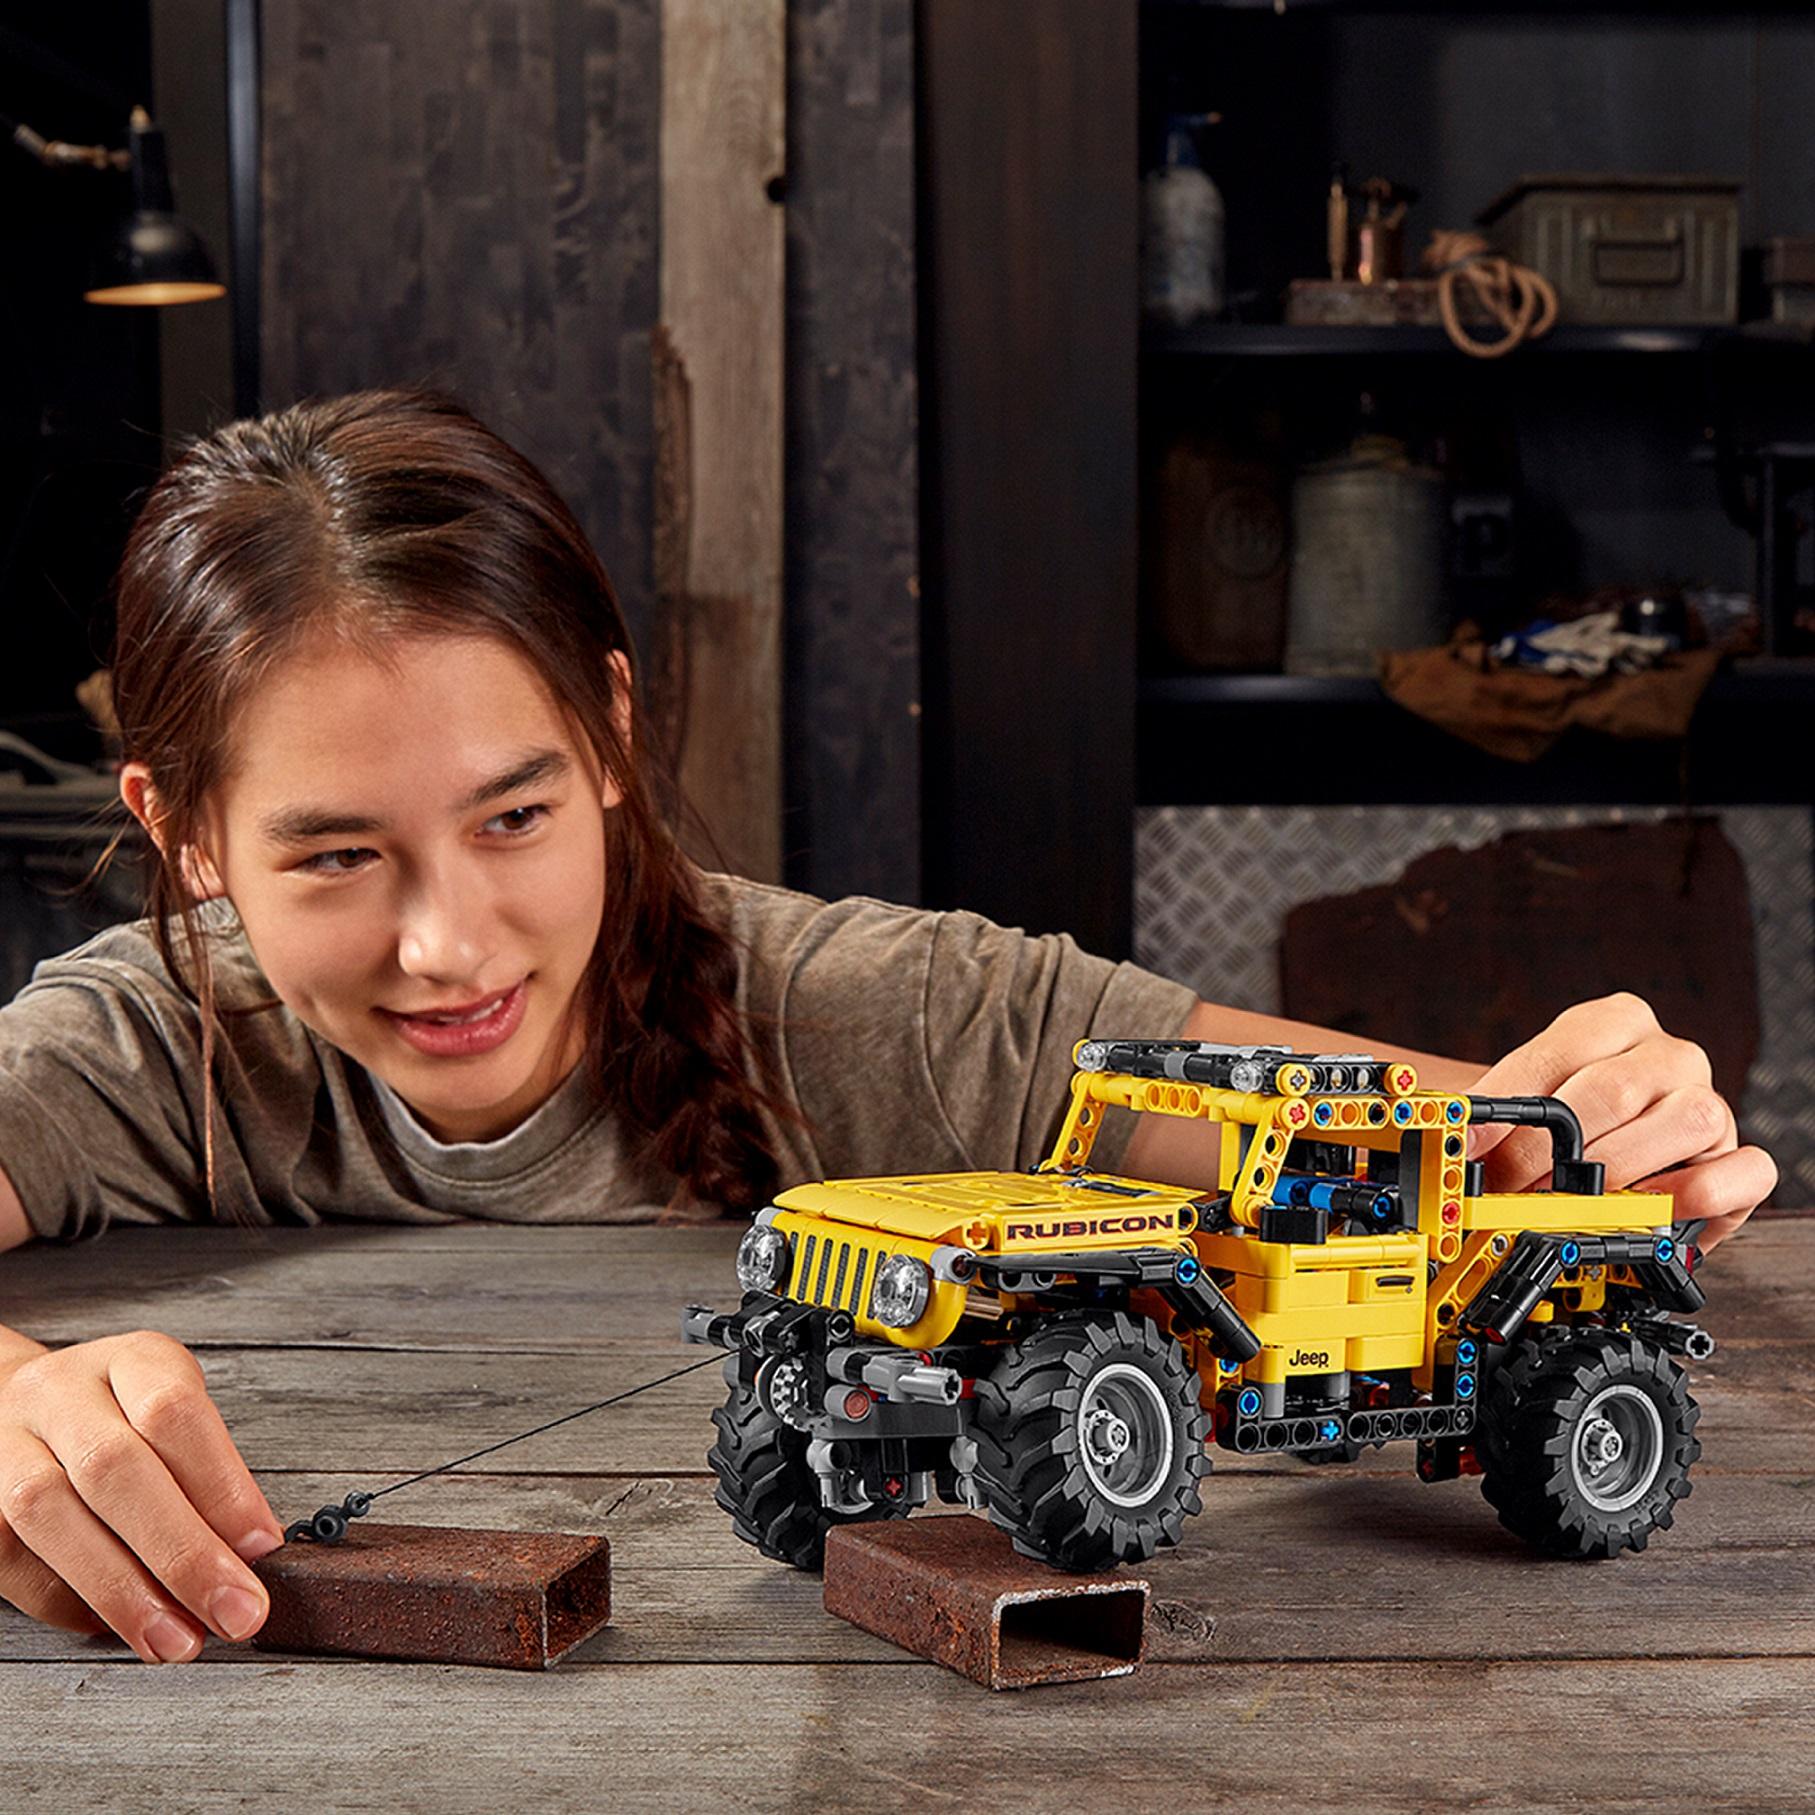 ليغو تمنحكم فرصة قيادة السيارة التي تحبونها من خلال مجموعة واسعة من الطرازات الجديدة